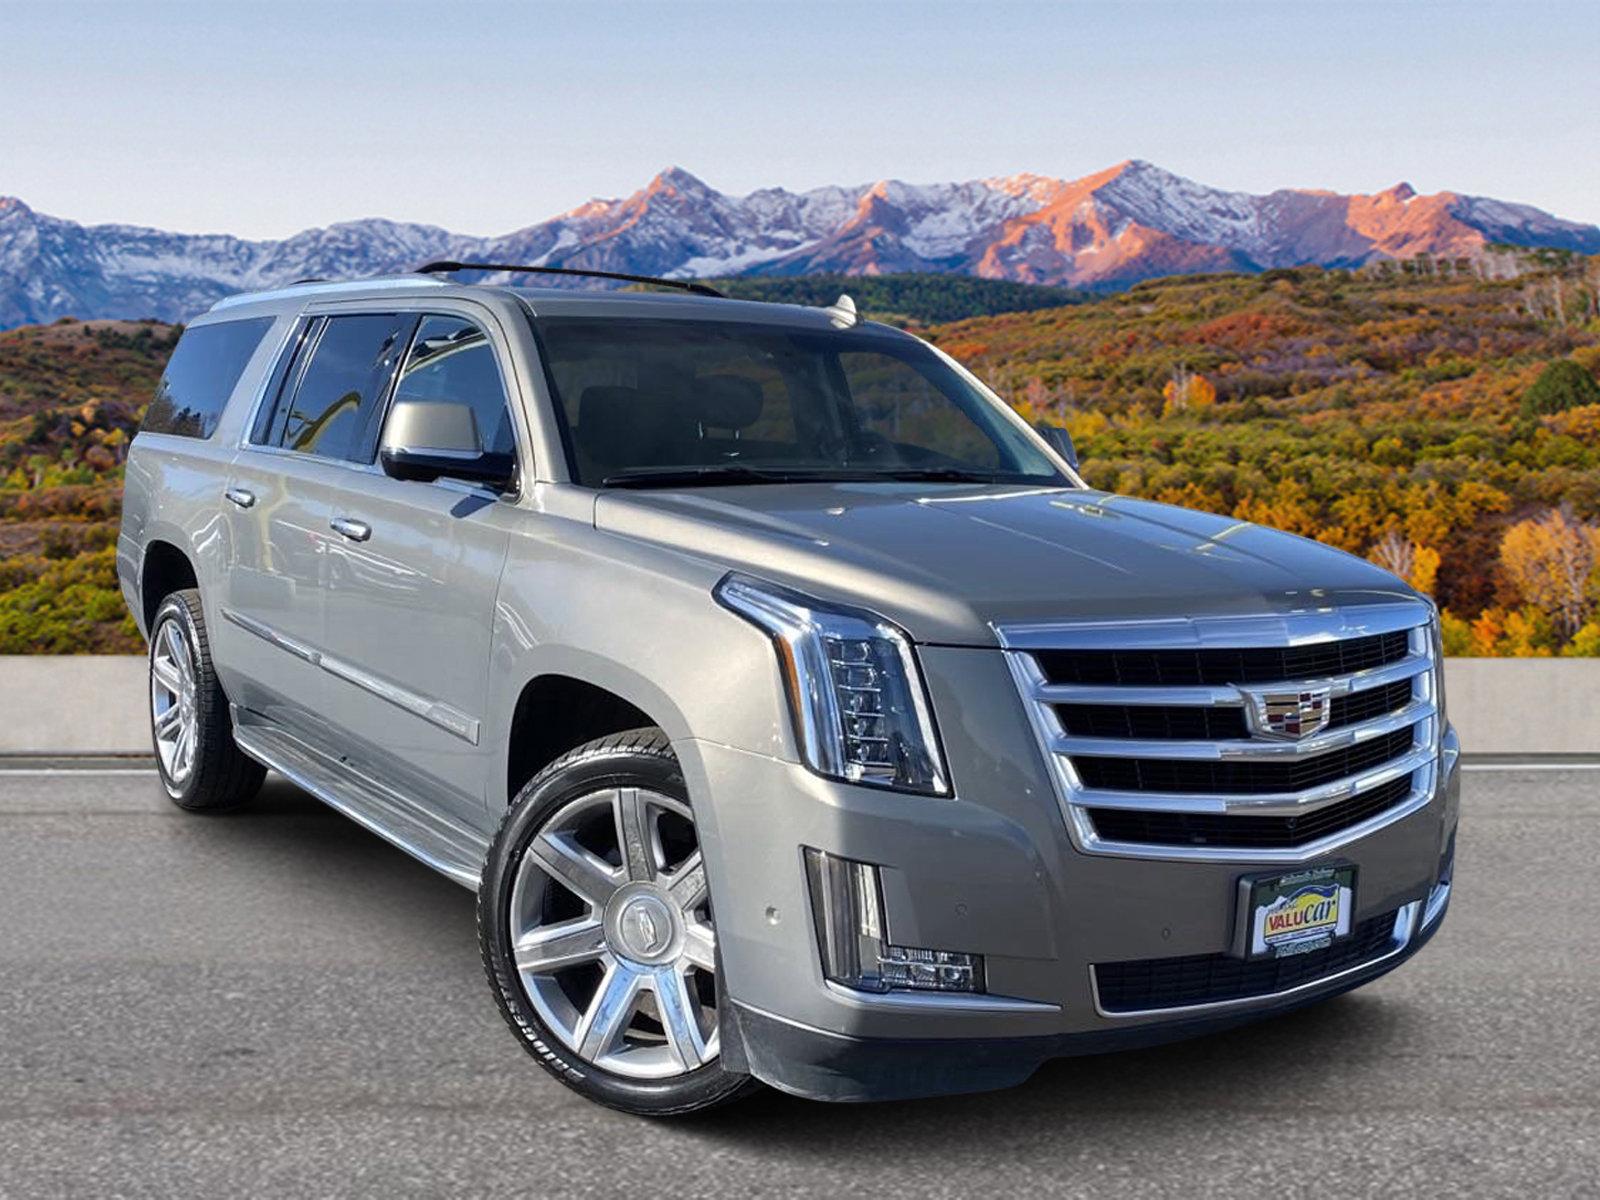 2017 Cadillac Escalade ESV 4WD Luxury image